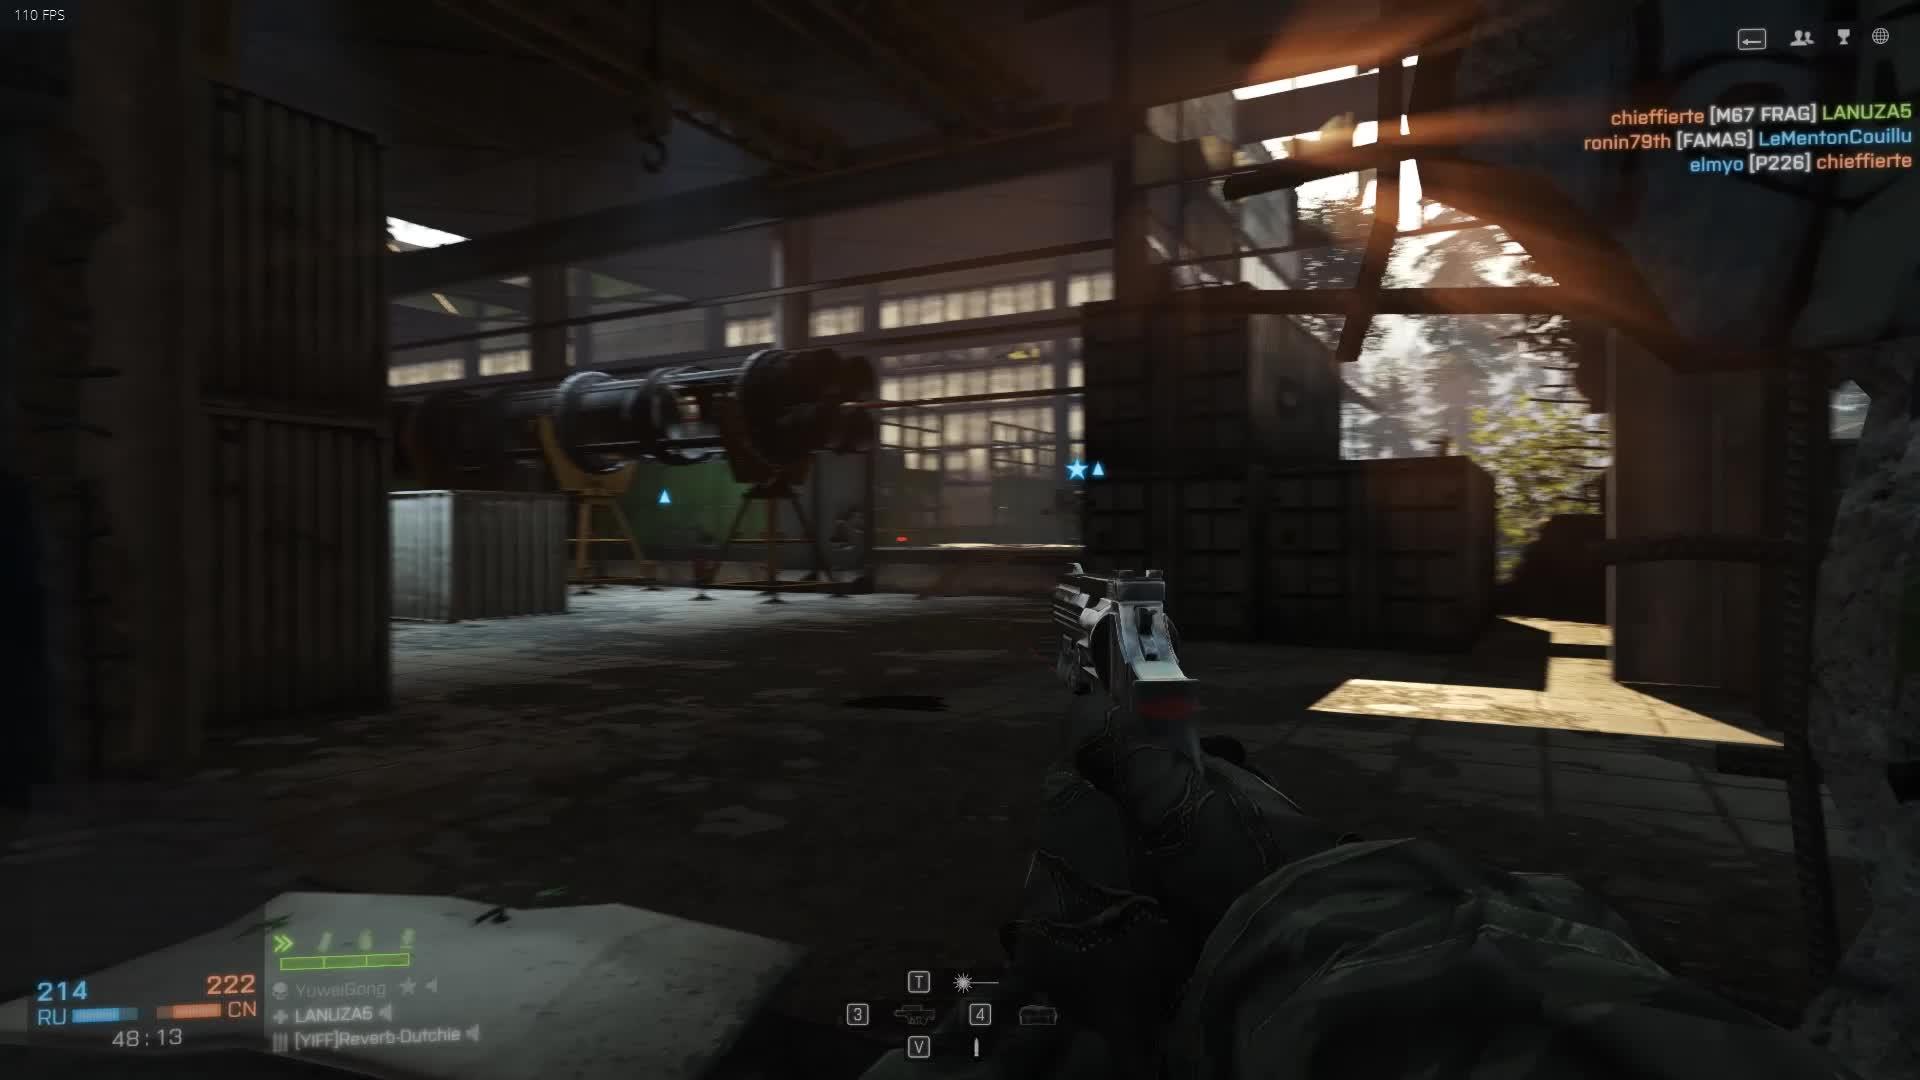 Battlefield 4 02.18.2018 - 15.14.44.01 GIFs